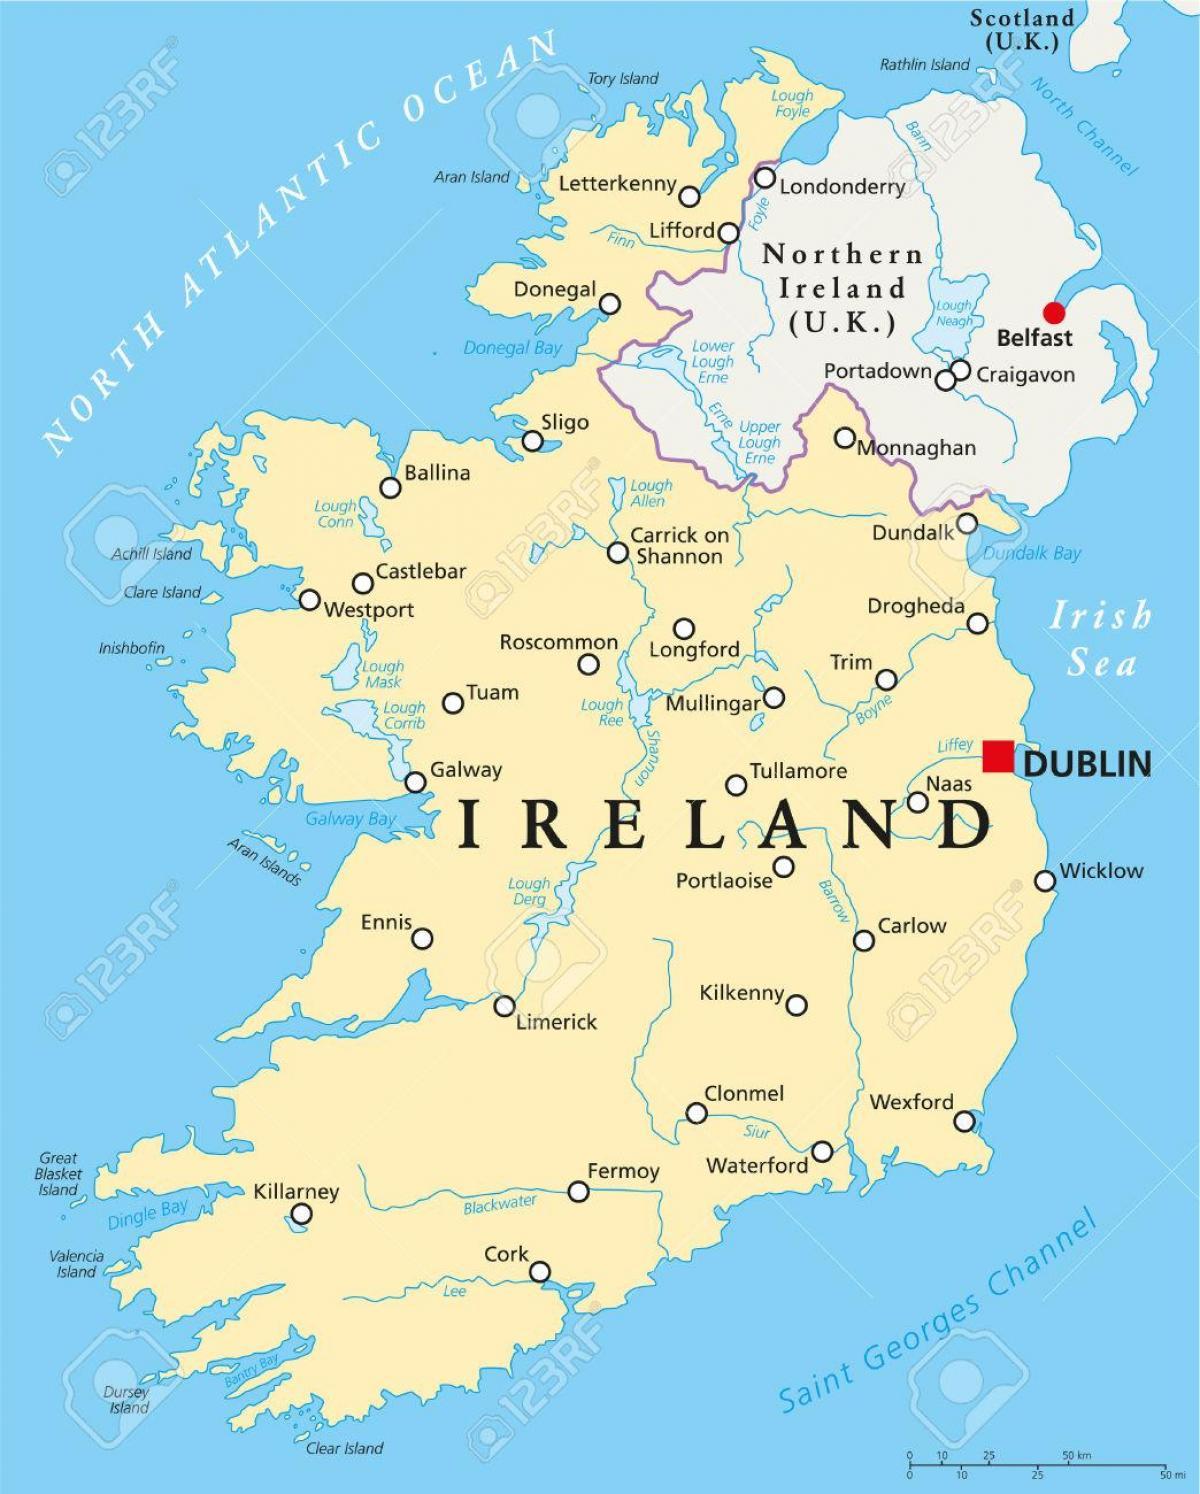 kart over irland Dublin, irland map   Dublin kart irland (Ireland) kart over irland